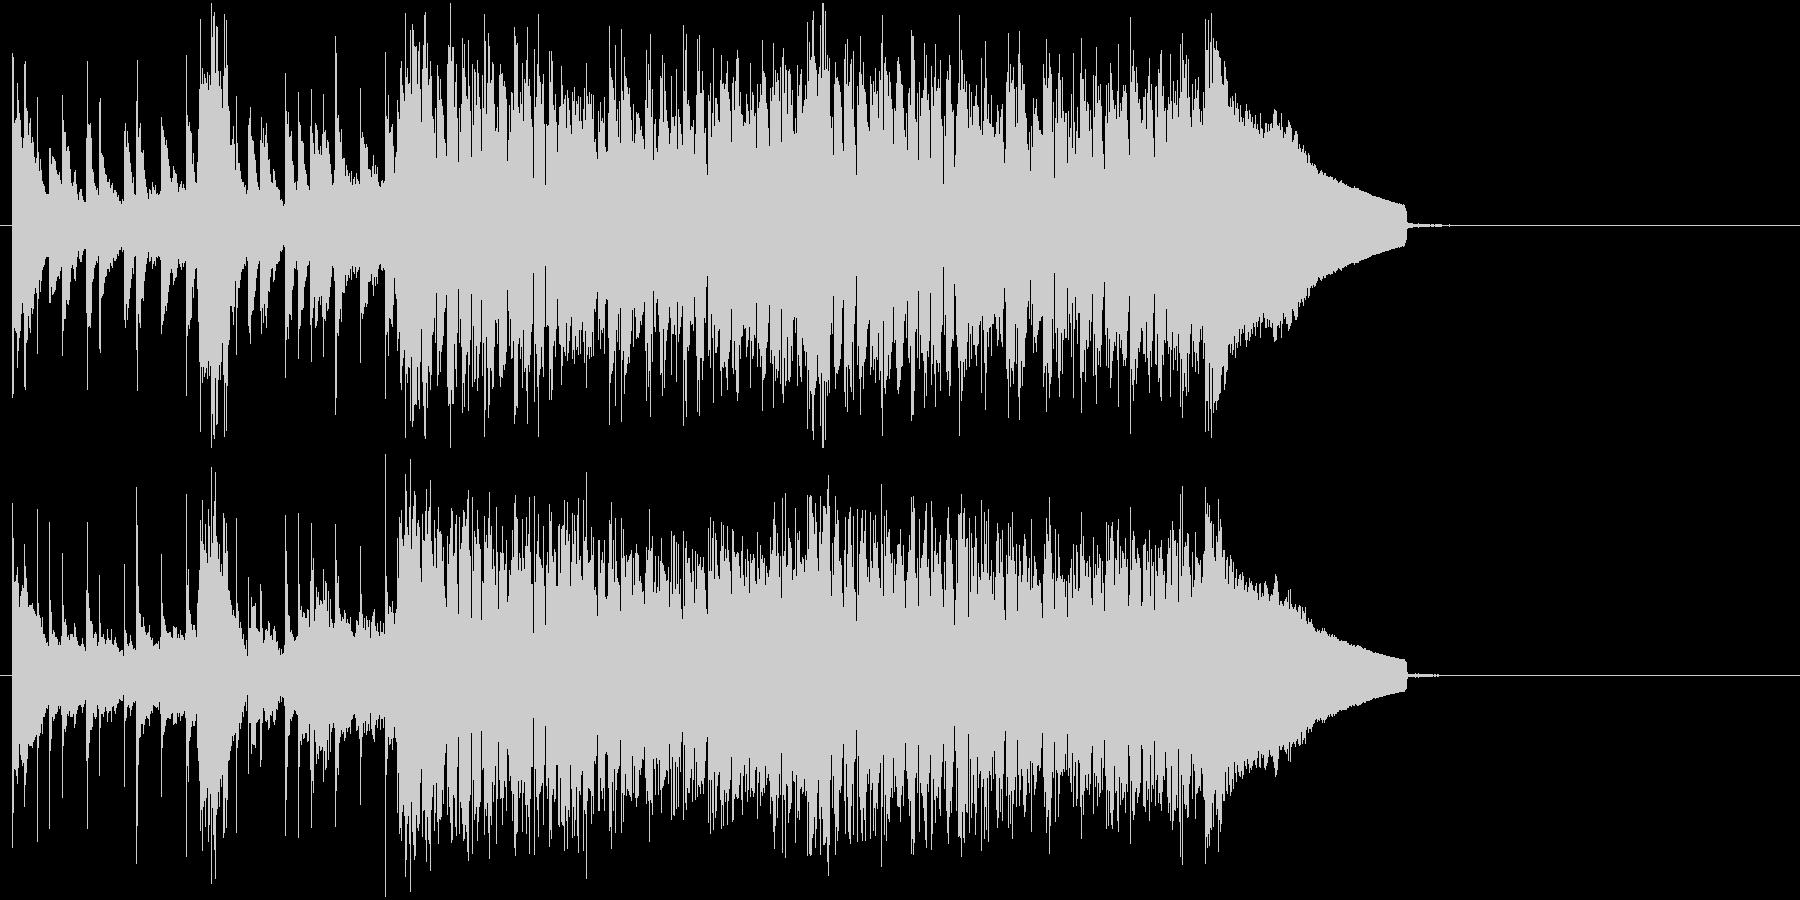 さわやかな雰囲気のストリングスサウンドの未再生の波形